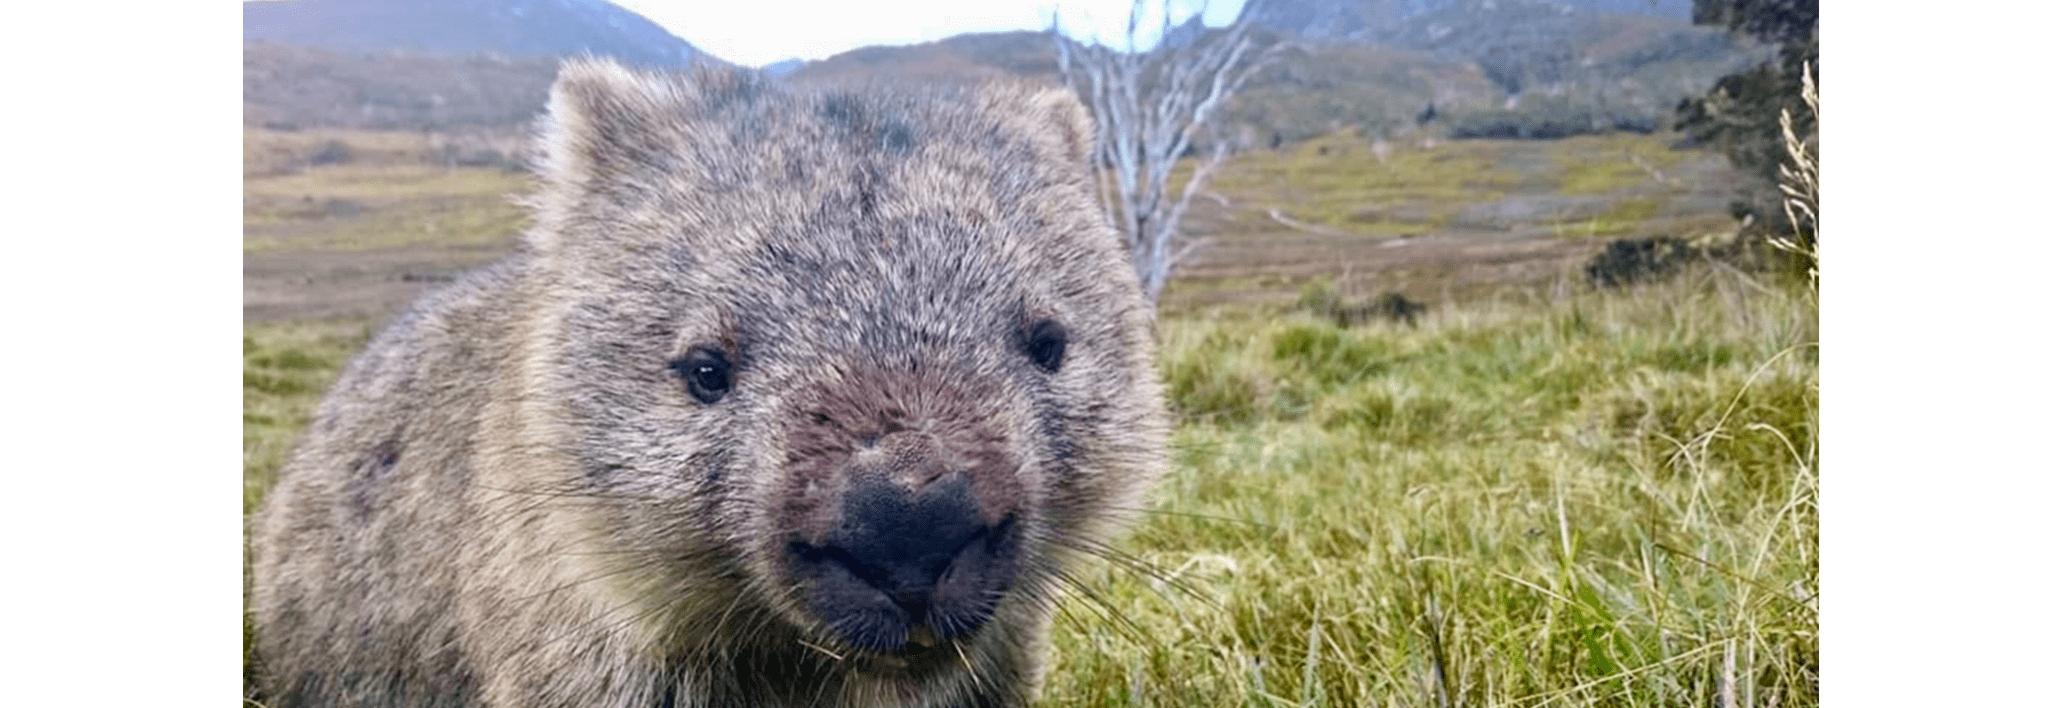 wombat at waldheim